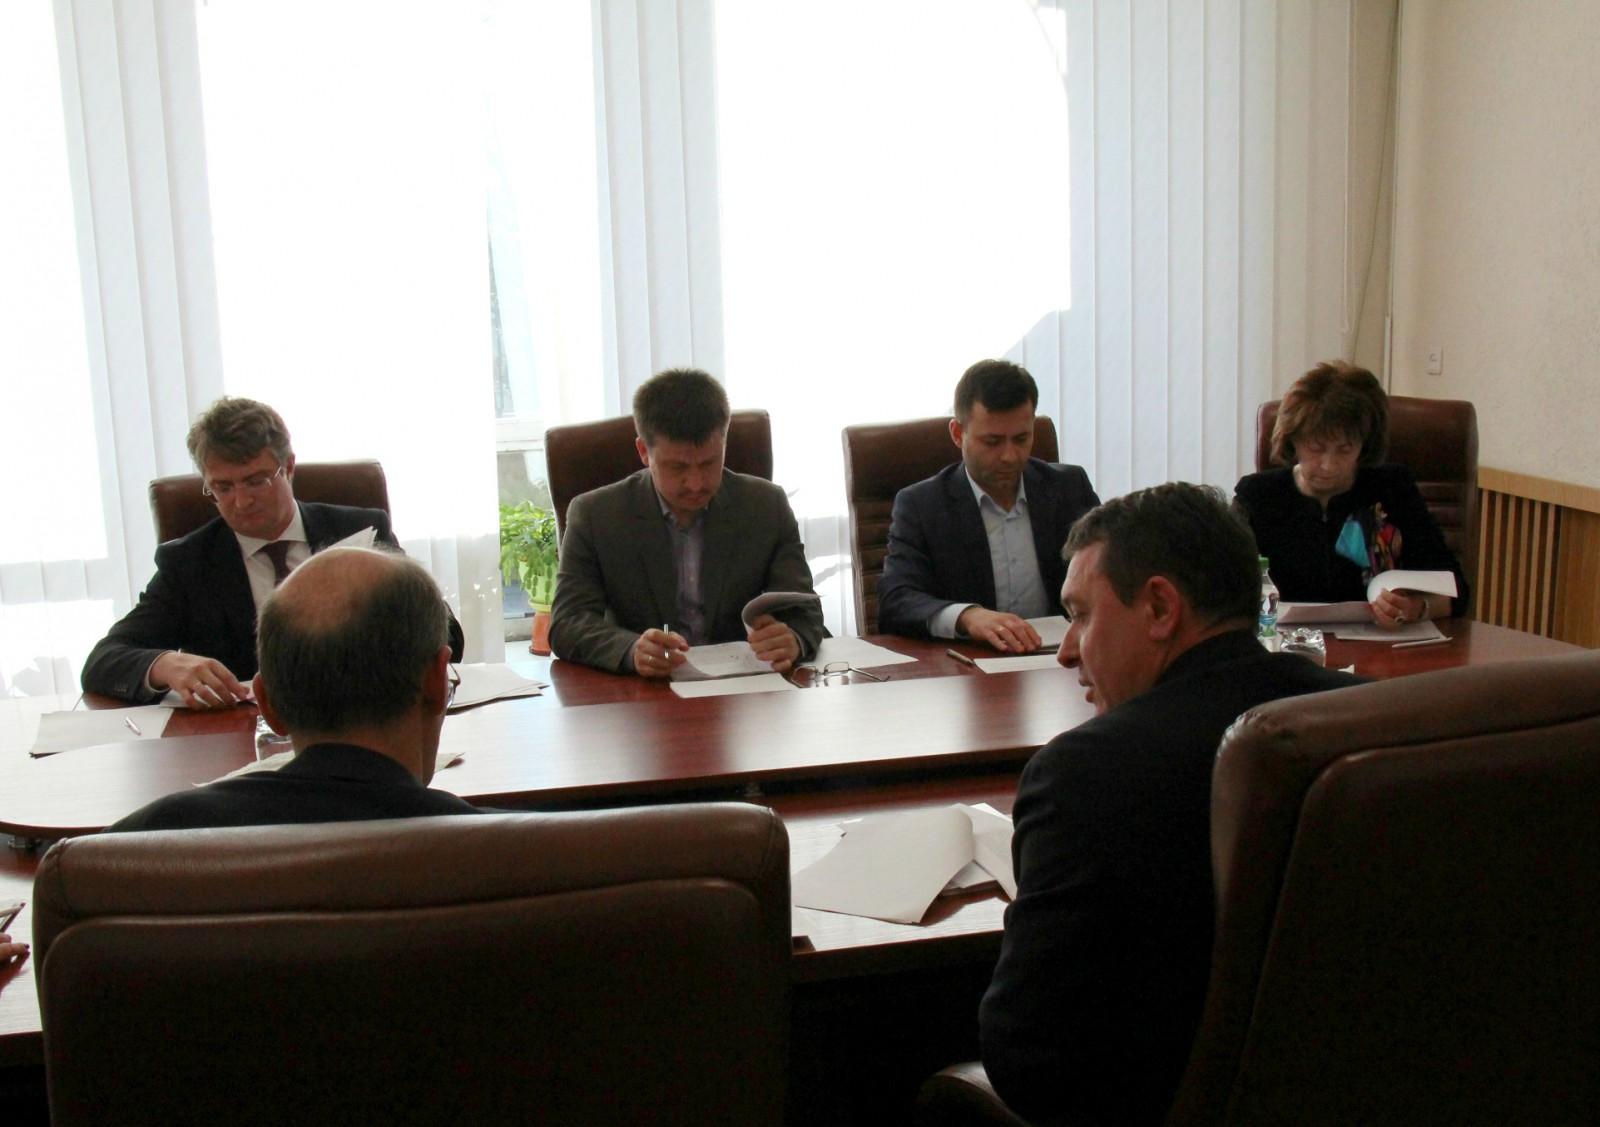 Cetățenii străini care fac investiții în Republica Moldova ar putea primi cetățenie: Programul de dobândire a cetățeniei prin investiție a fost aprobat